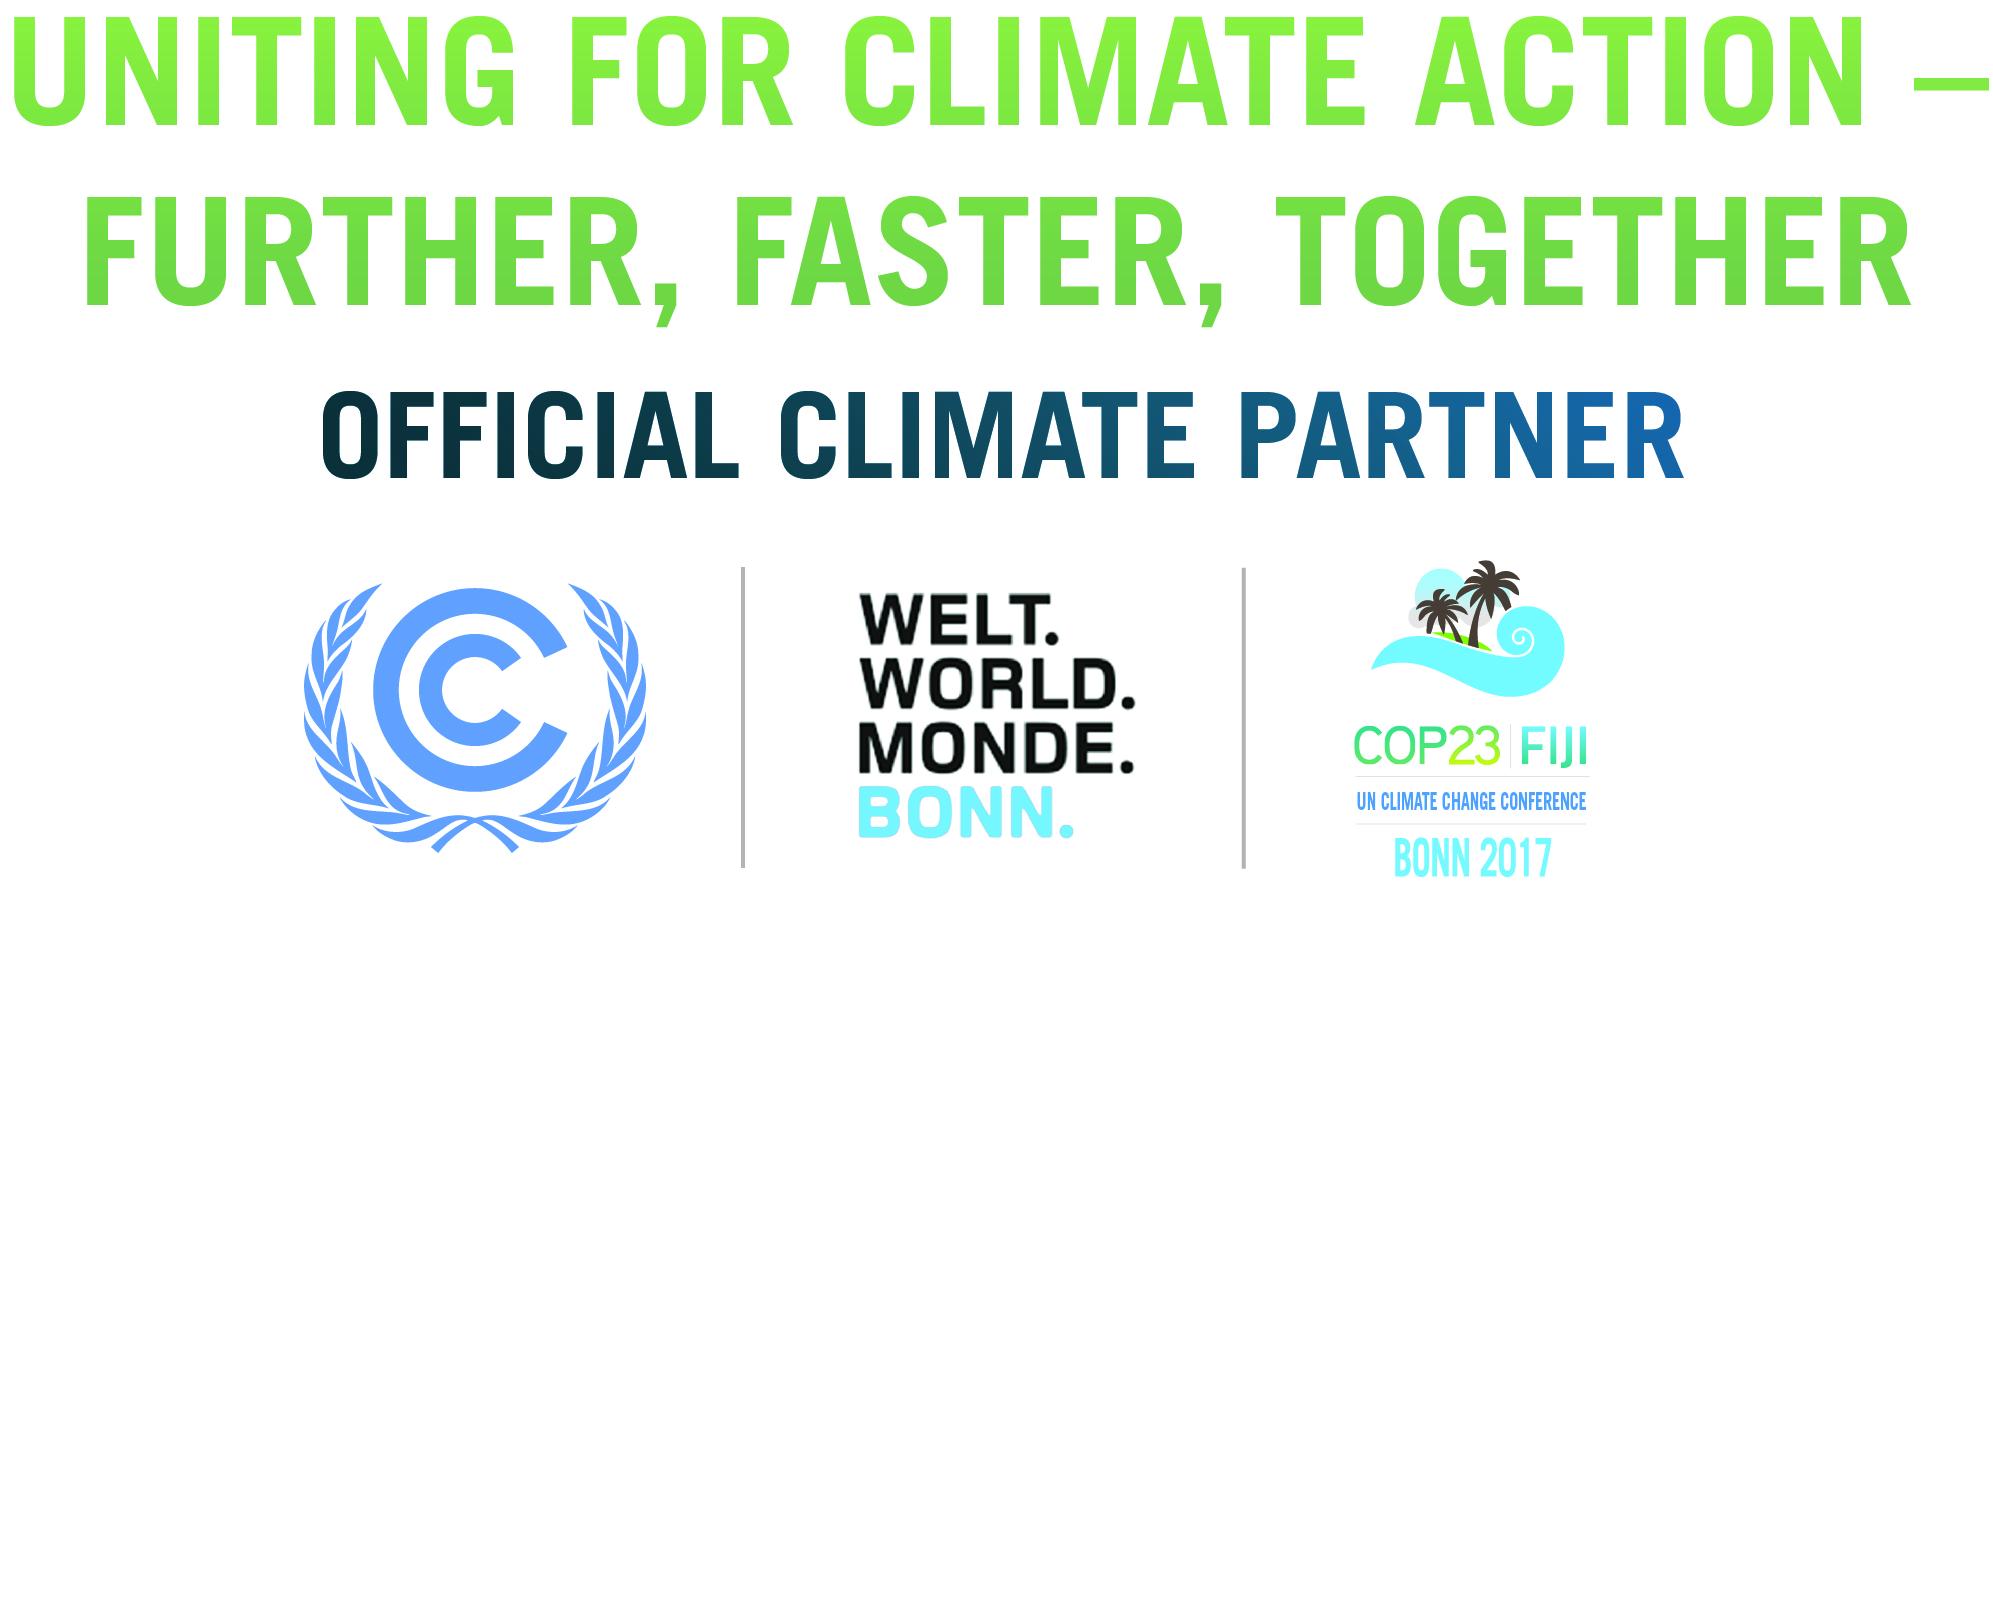 COP23 BonnCity Official Climate Partner Logo